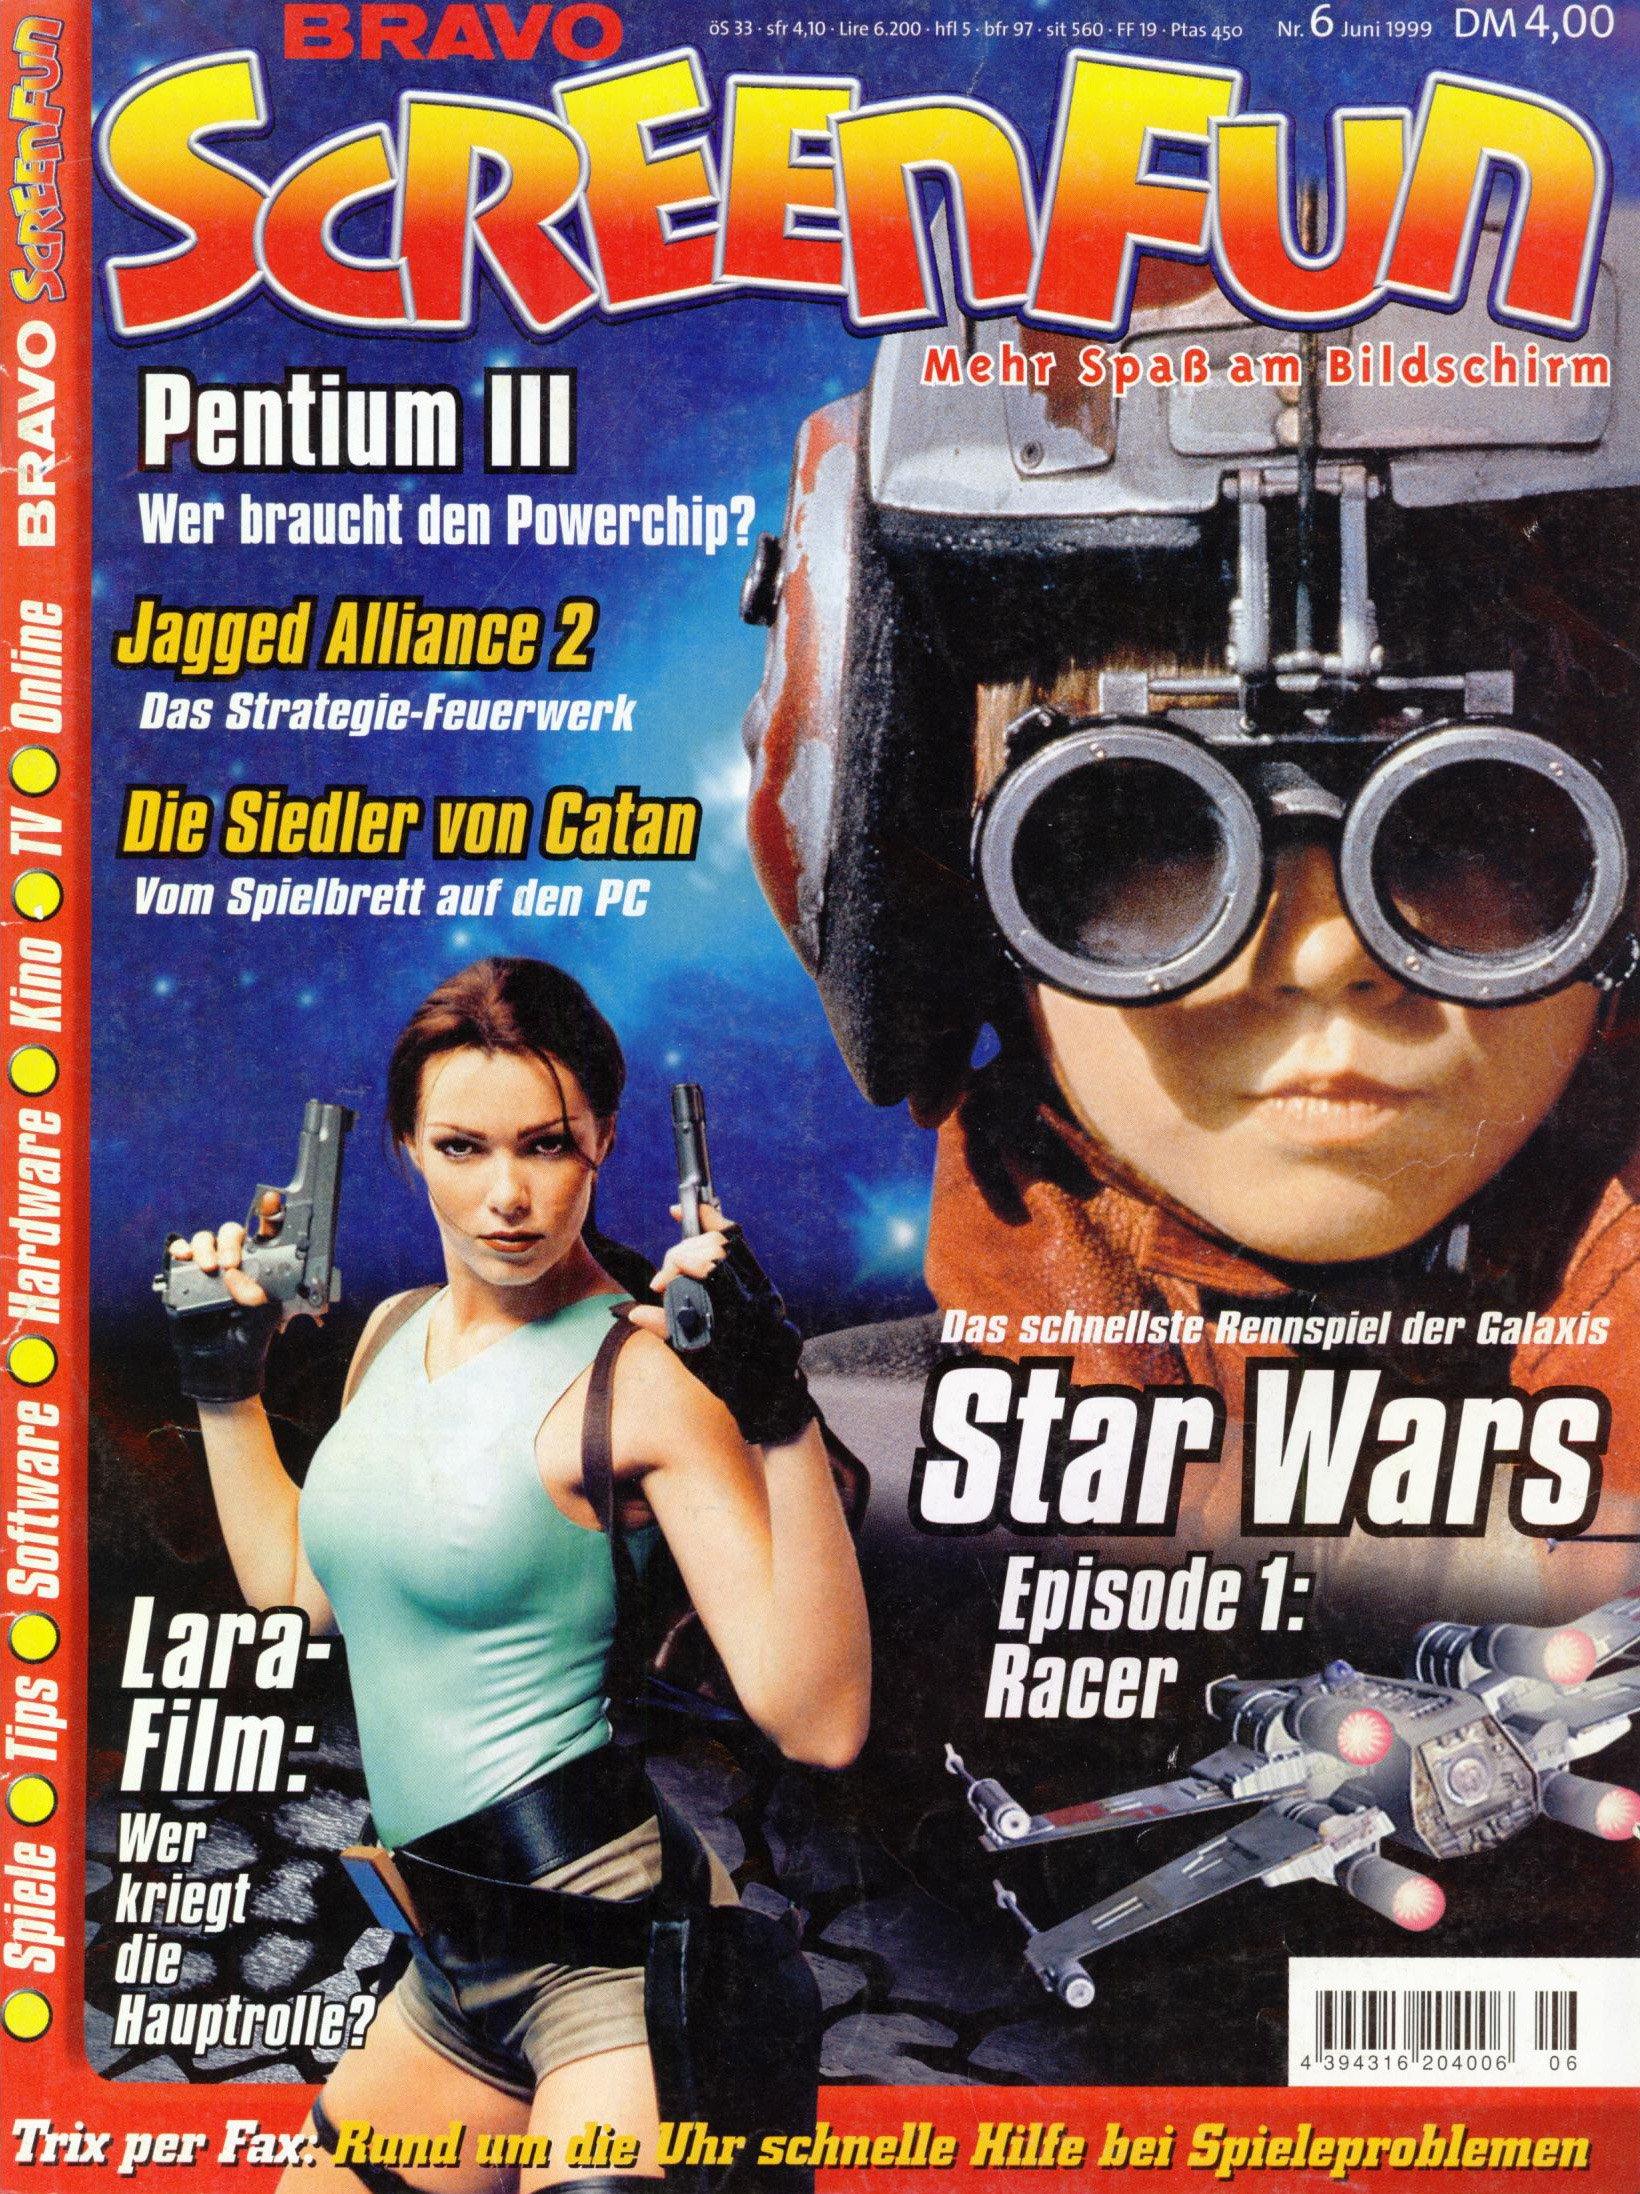 Bravo ScreenFun June 1999